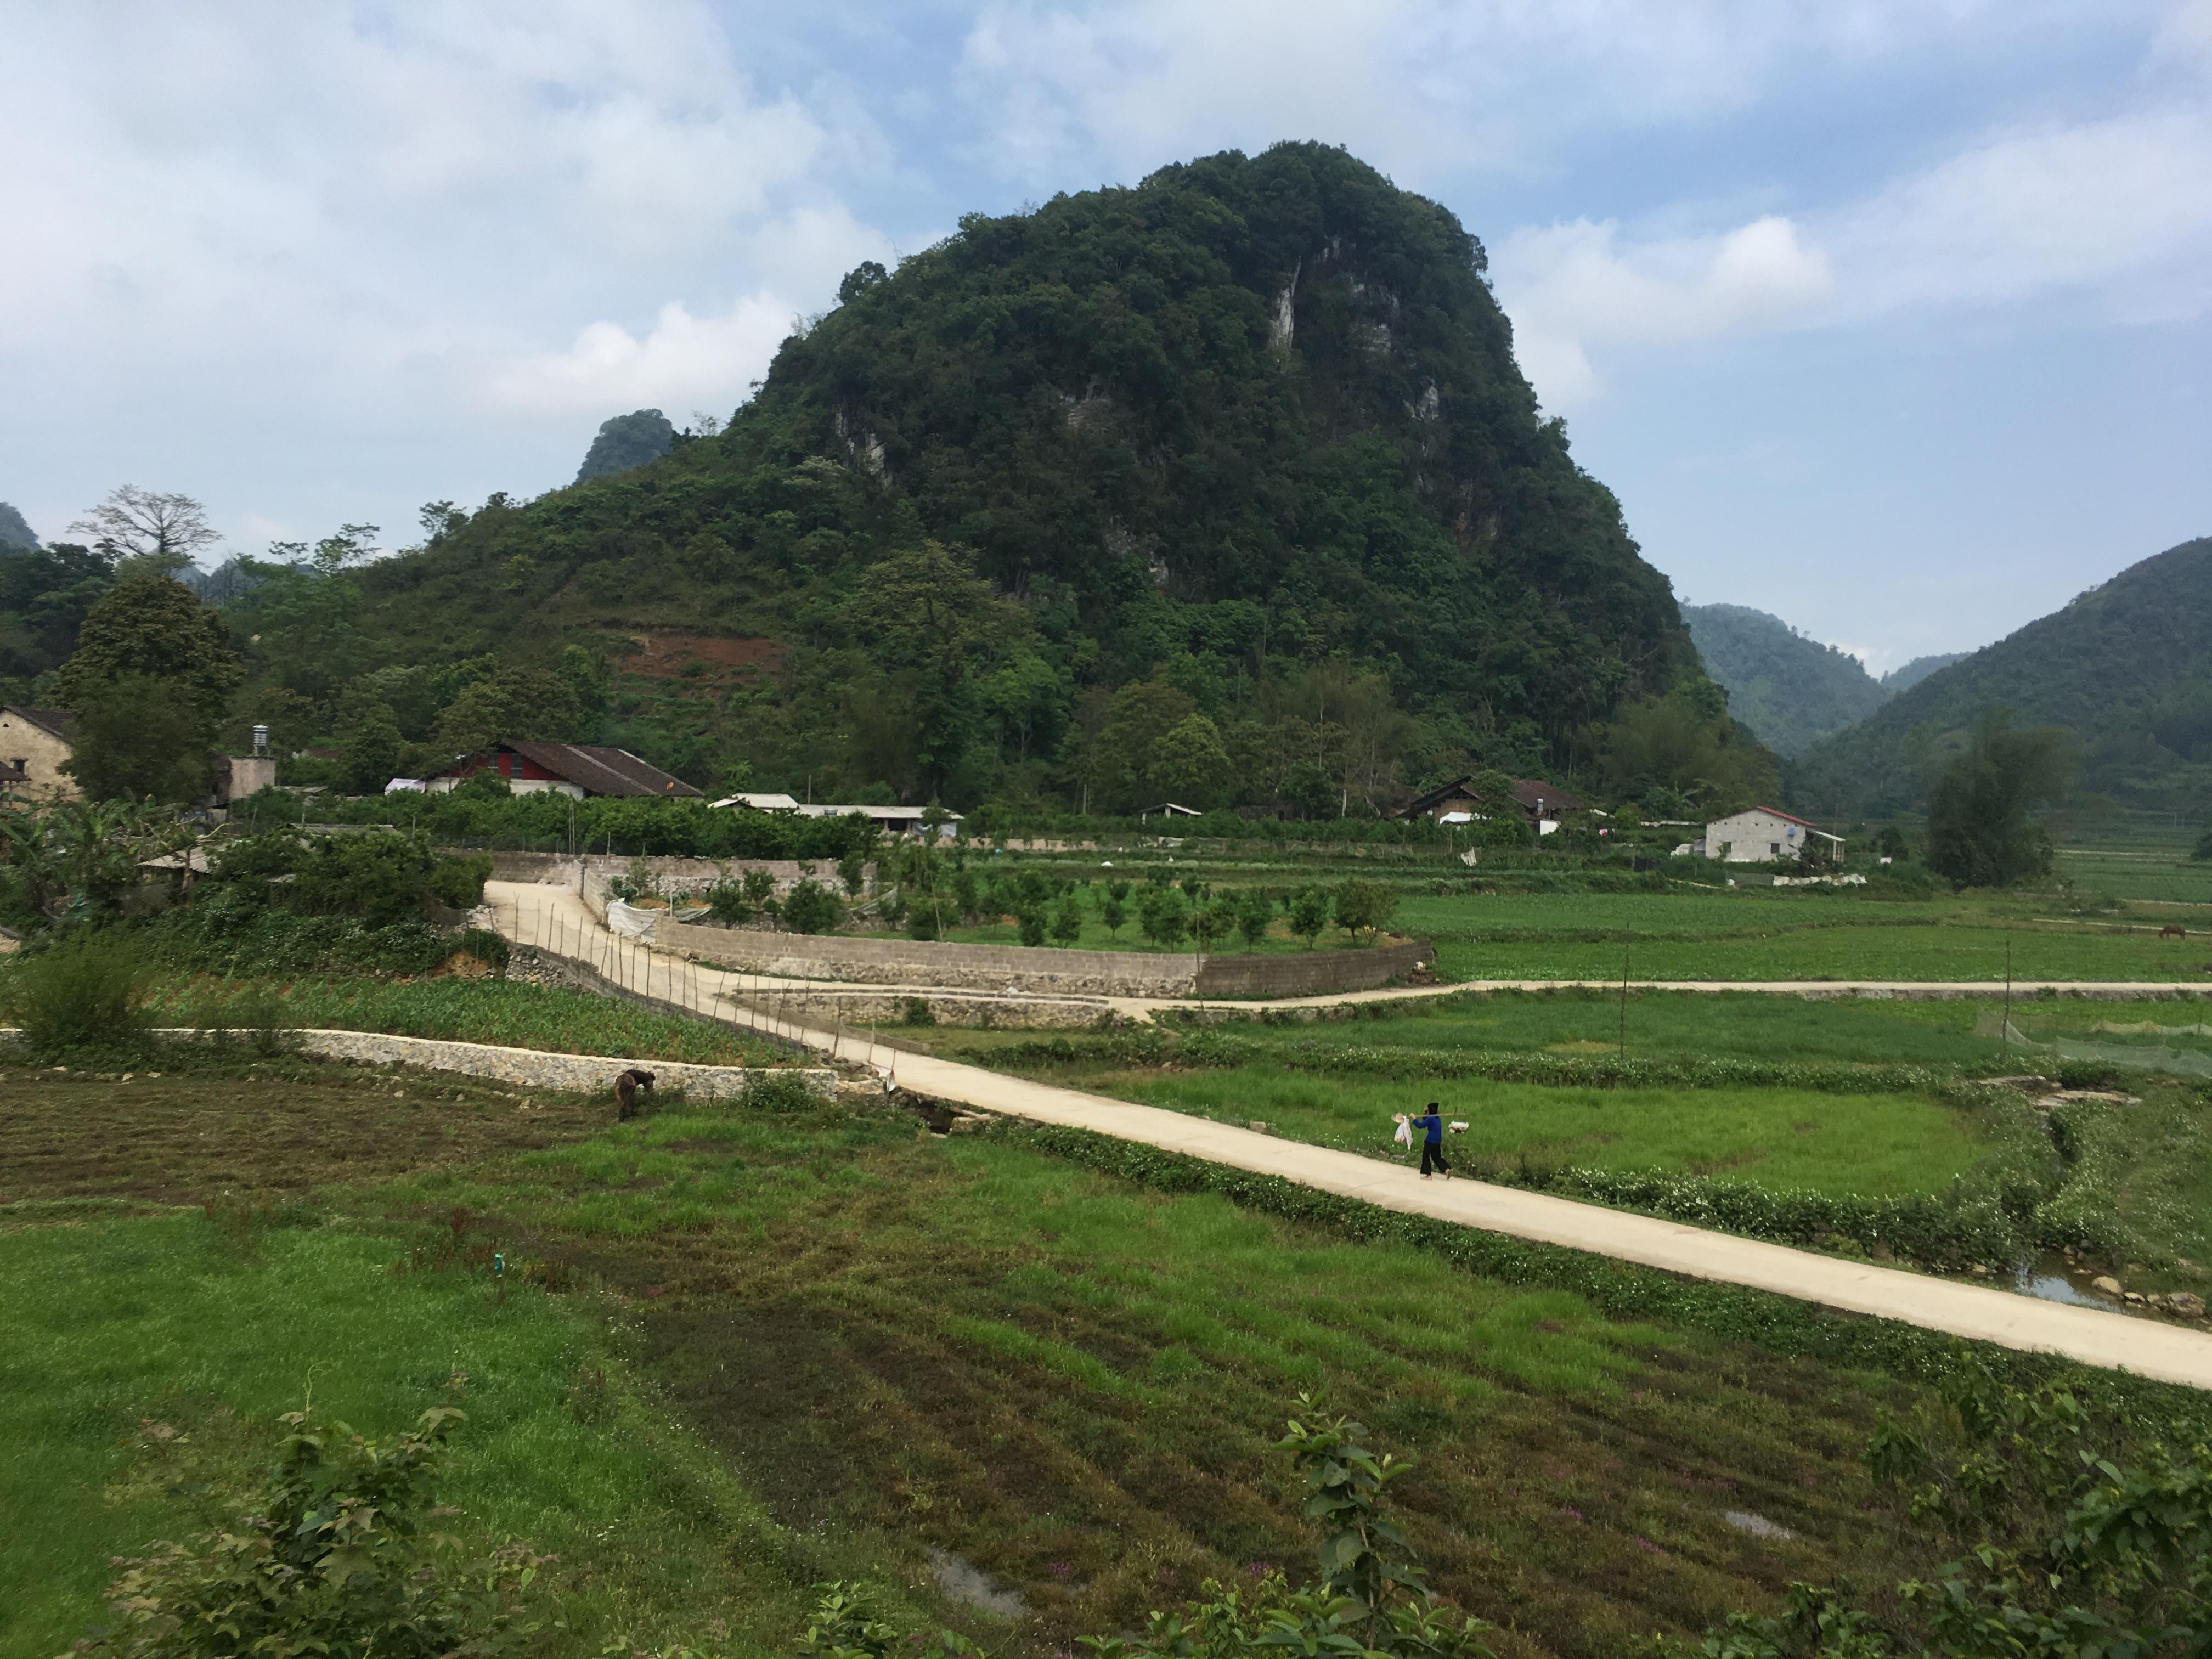 Đường nông thôn được đầu tư từ nguồn vốn Chương trình 135 ở xã Ngọc Côn, huyện Trùng Khánh